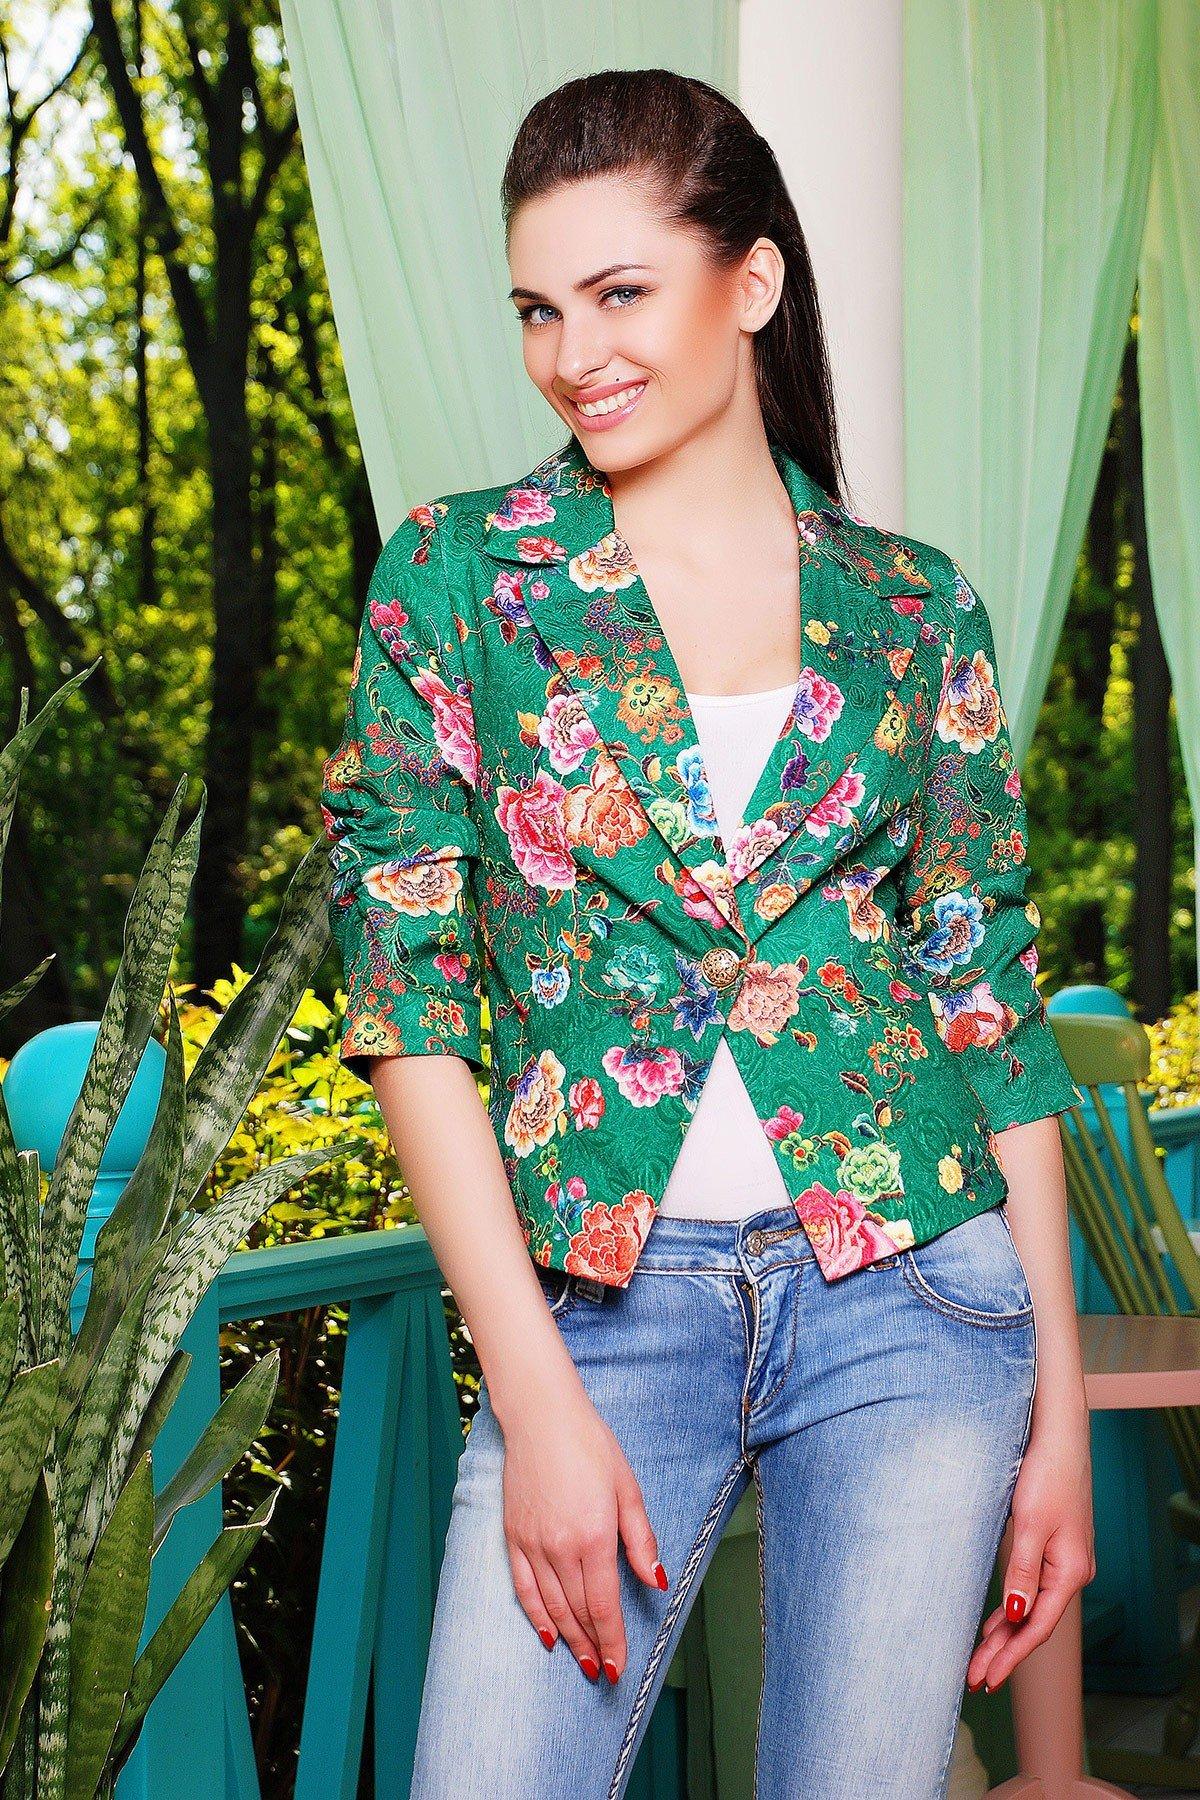 модный зеленый пиджак в цветочный принт 2018 года